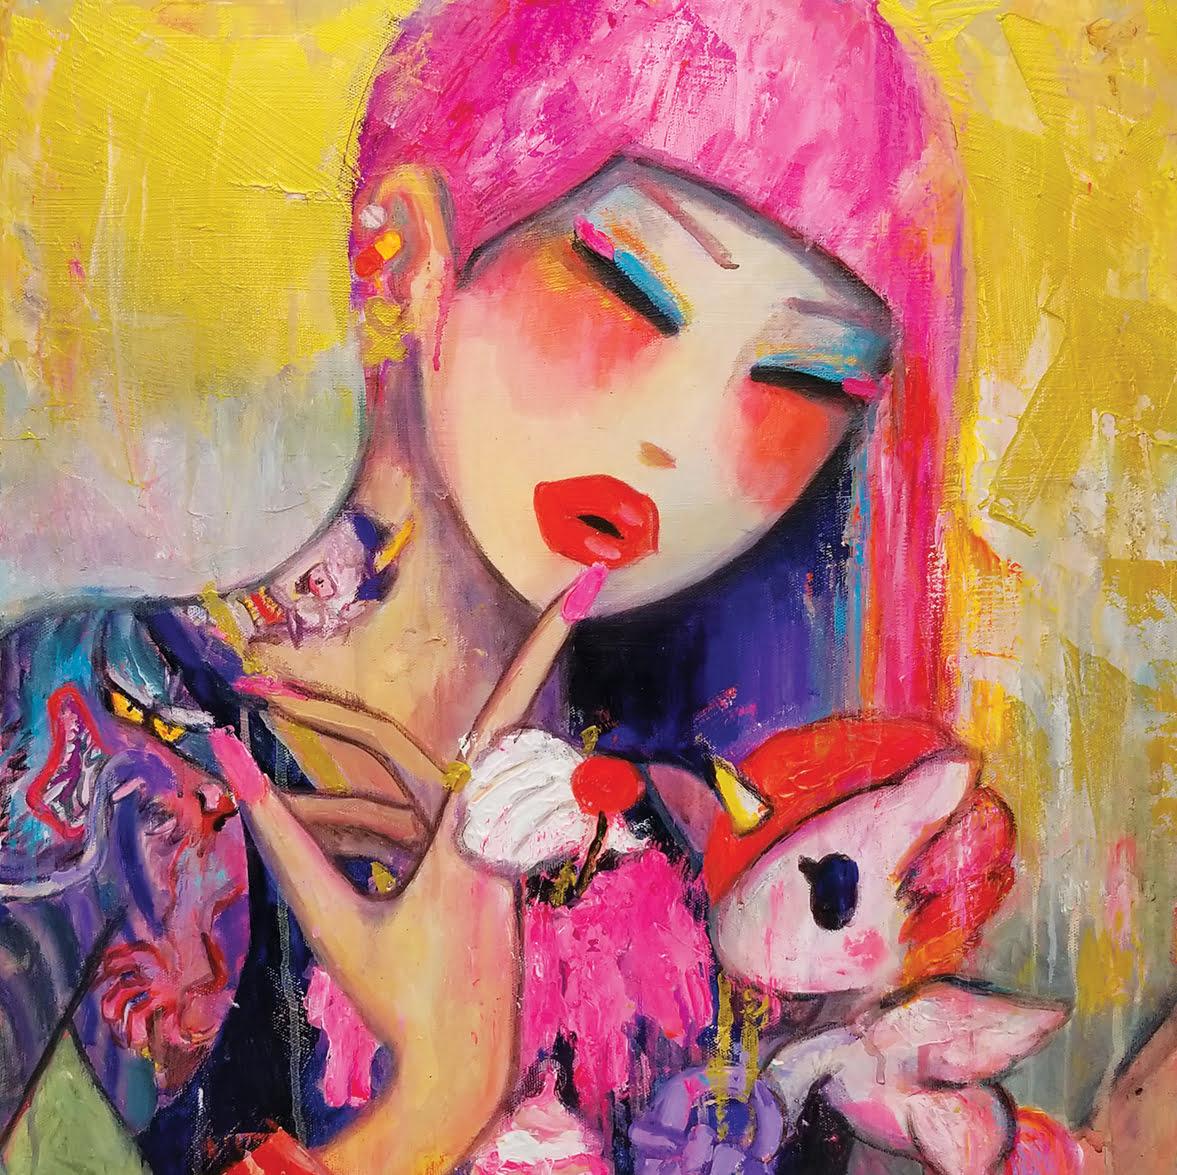 art, Onch, Vaughn Lowery, 360 Magazine